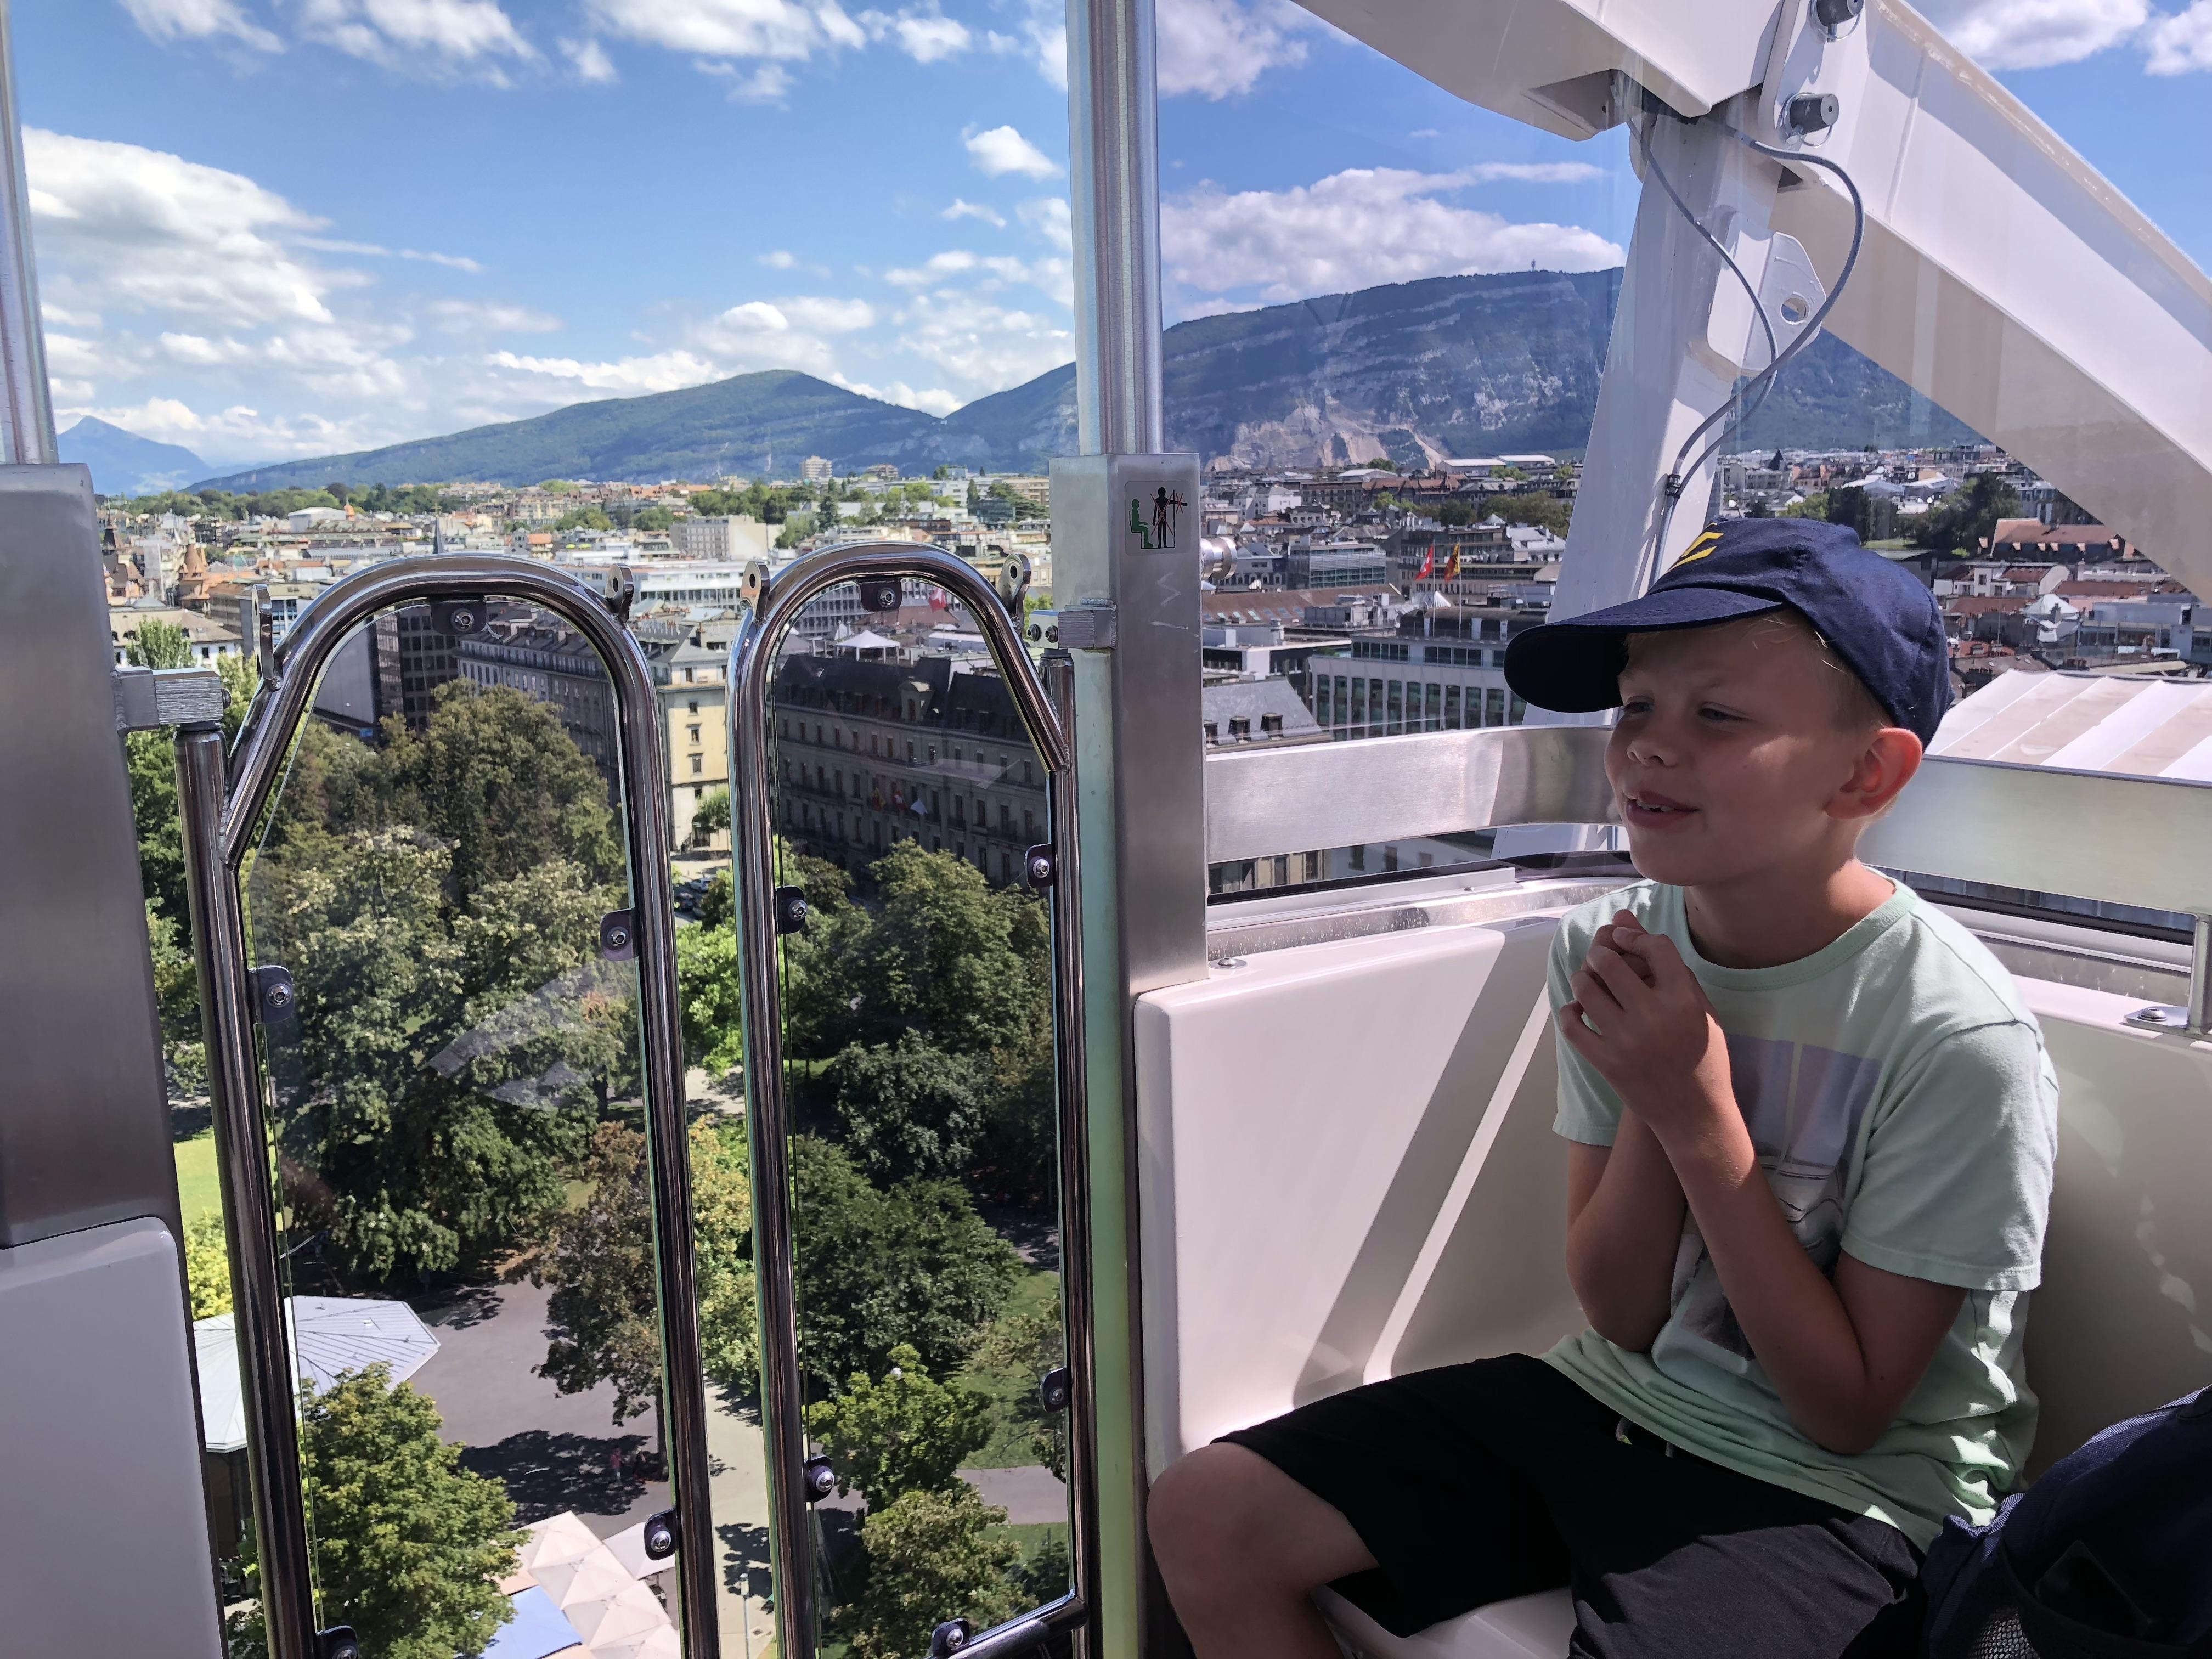 Aboard the Swisswheel